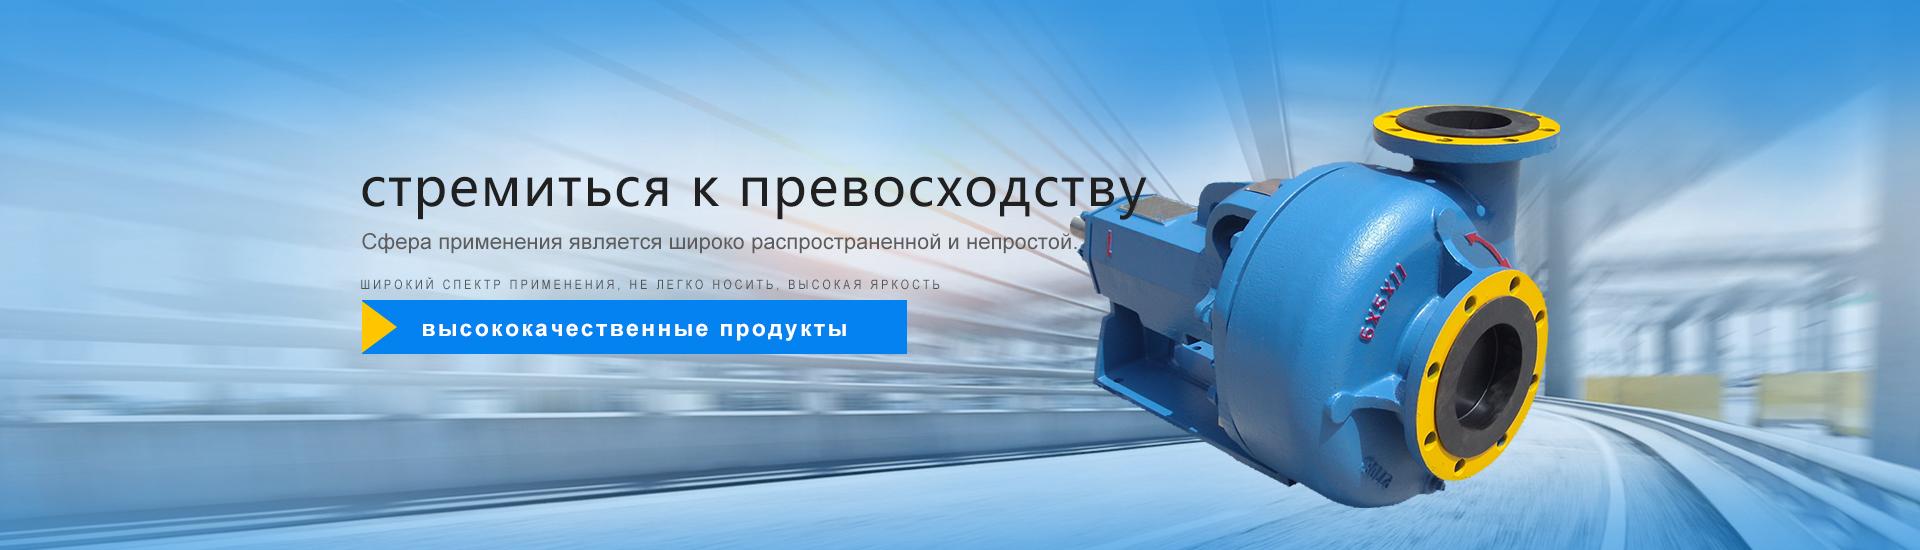 俄文焦点图3